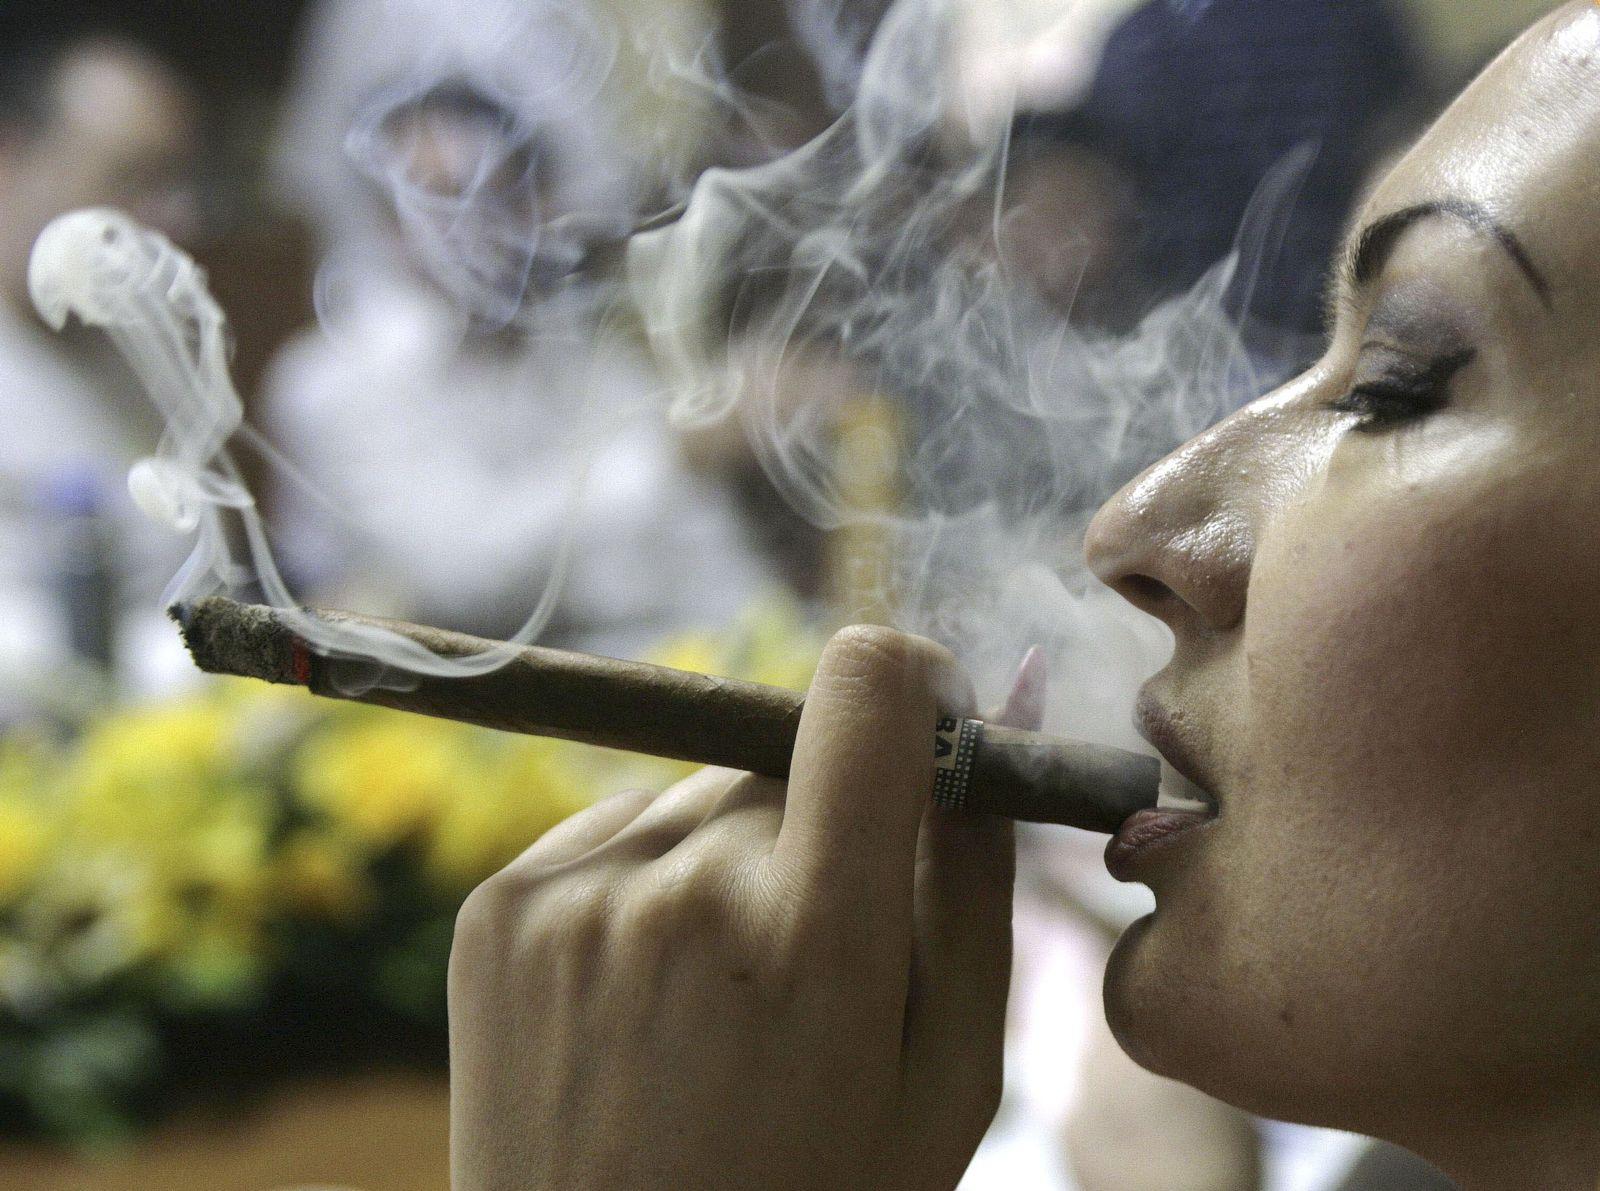 Sucht / Frauen / rauchen / Zigarre